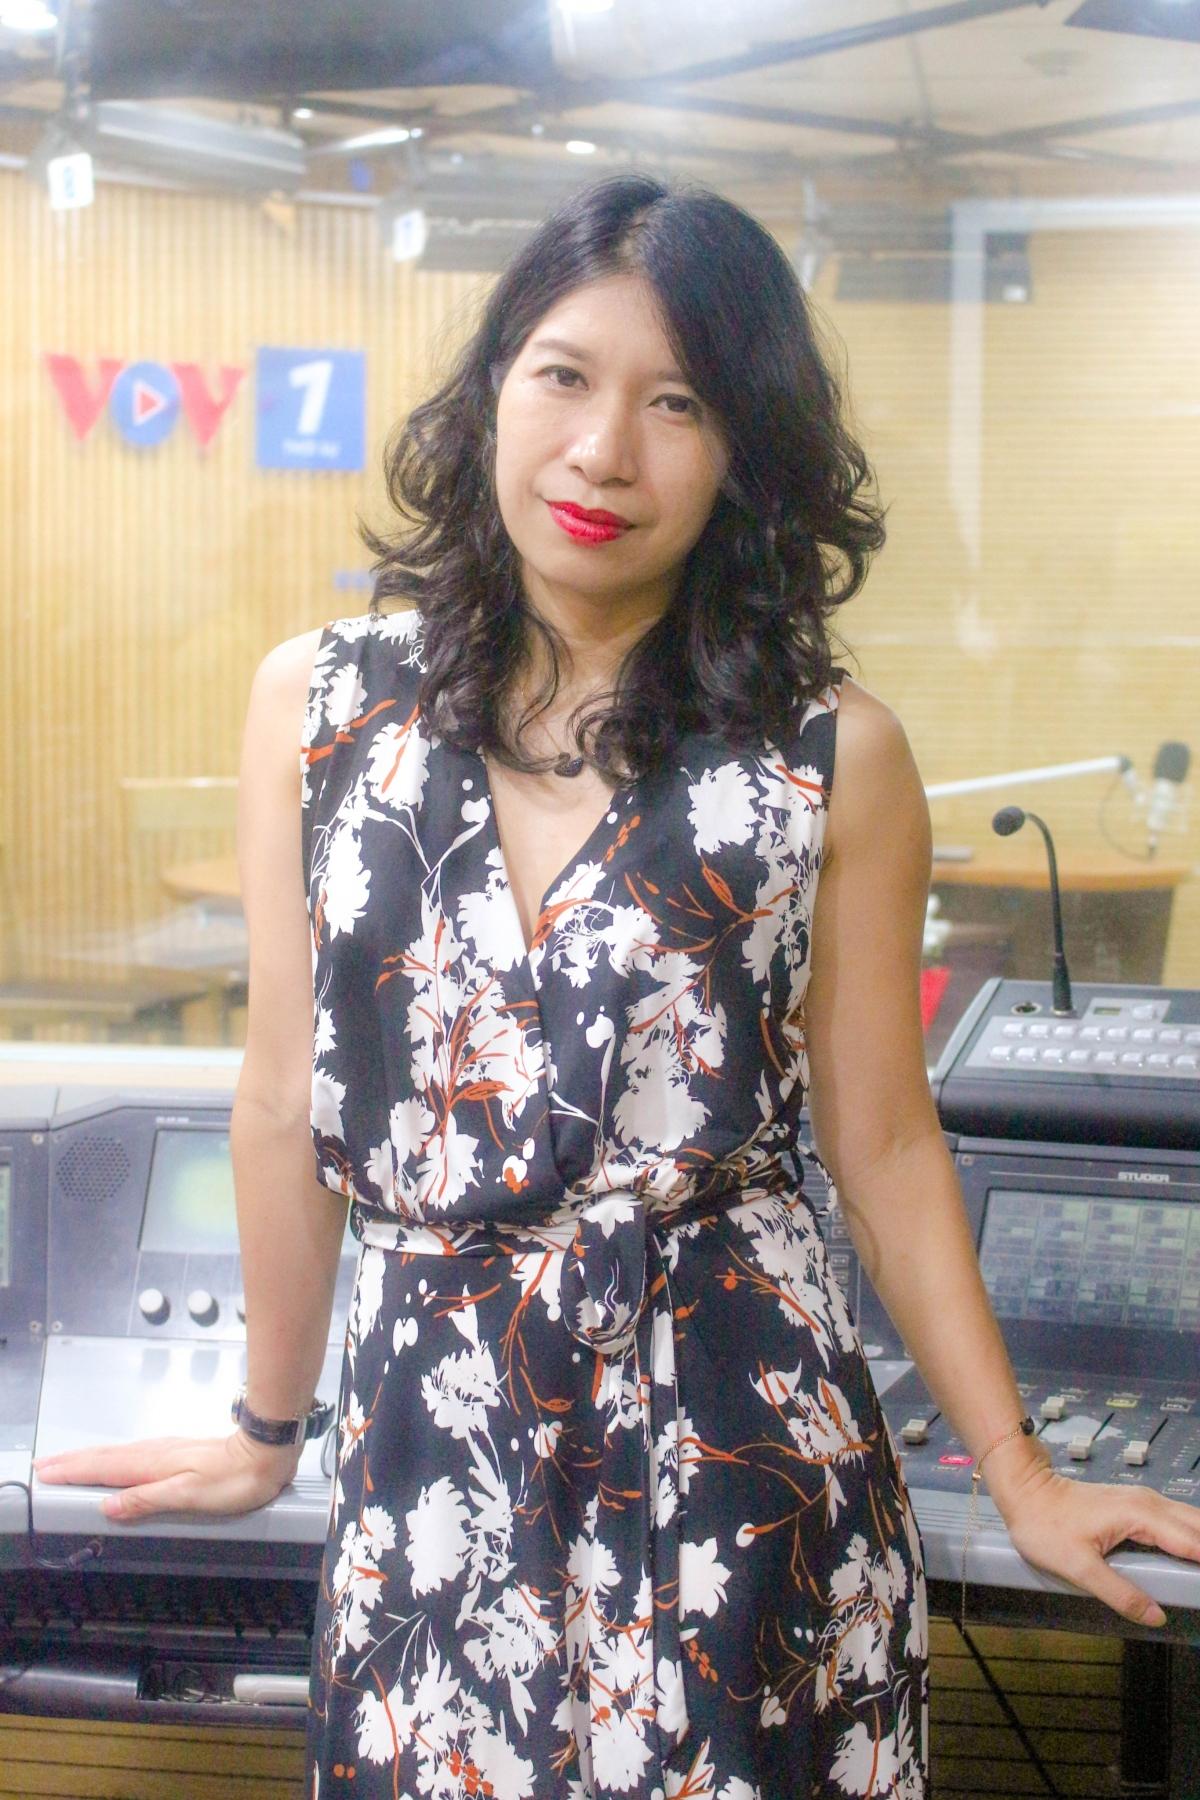 Nhà báo Thúy Ngọc - Ban Thời sự (Ảnh: Nguyễn Hà)